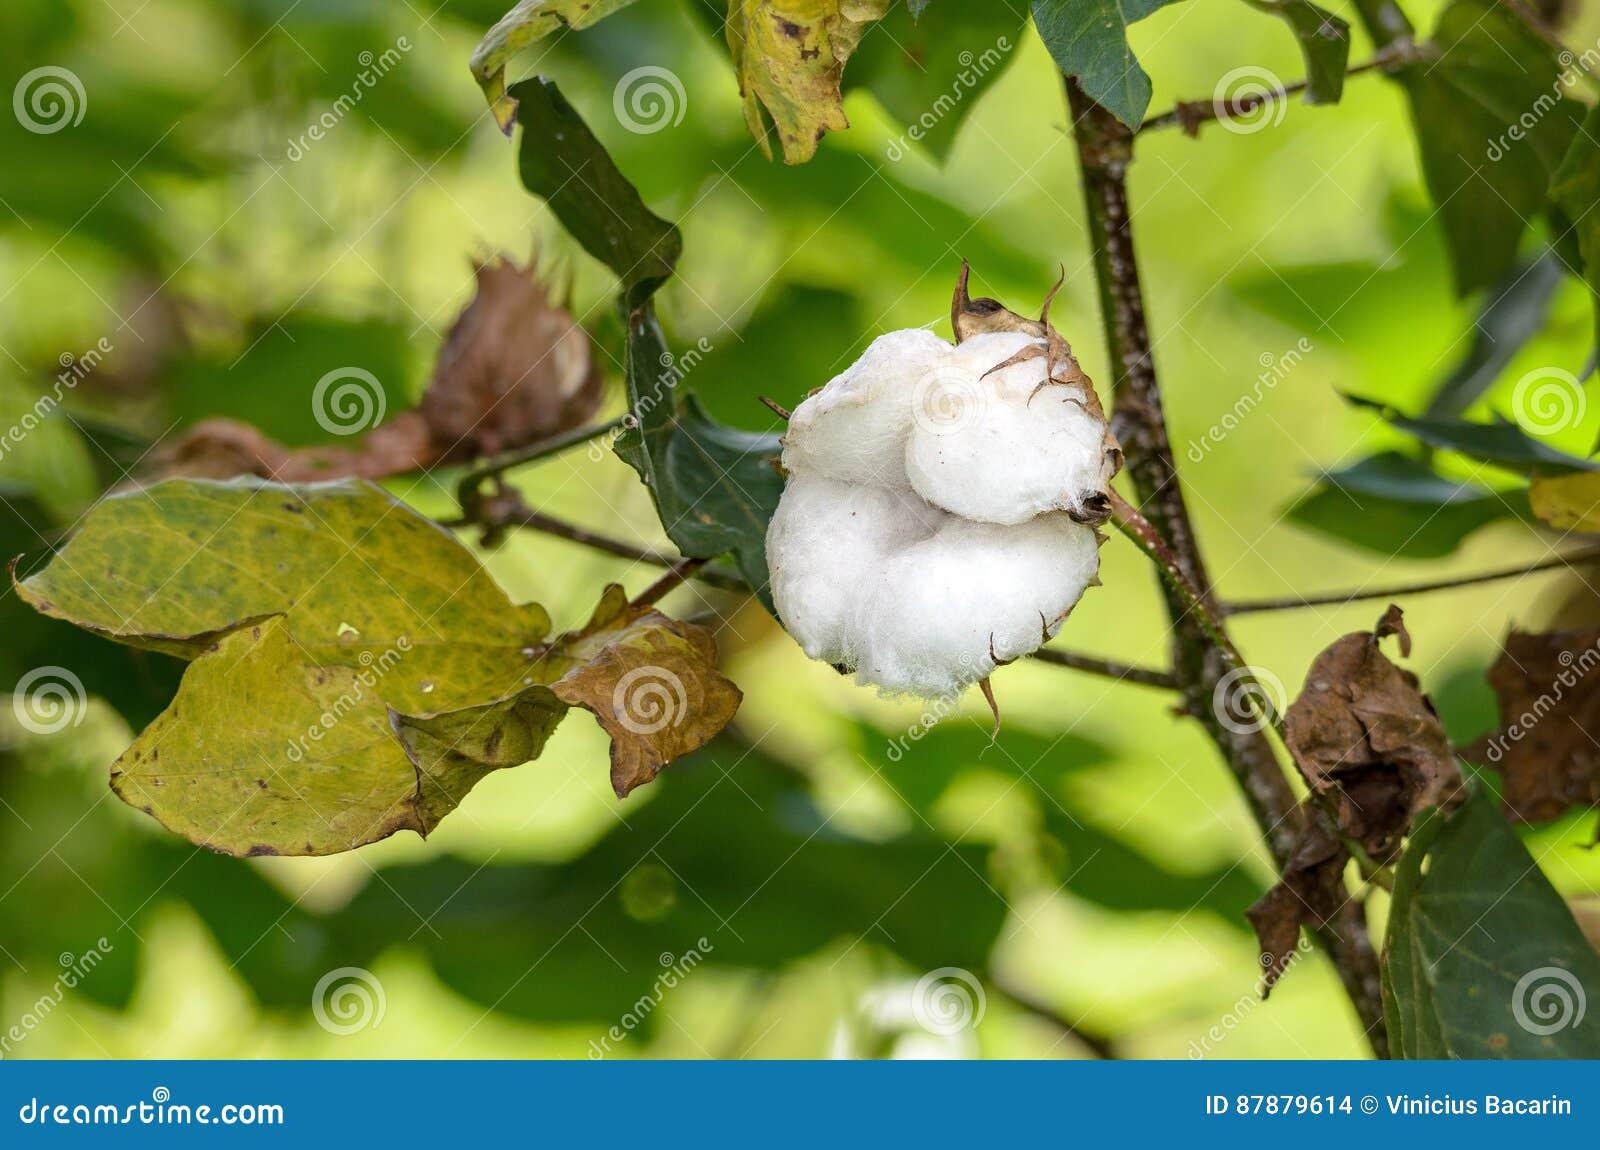 Branche Fleur De Coton fleur de coton : coton blanc sur une branche d'arbre photo